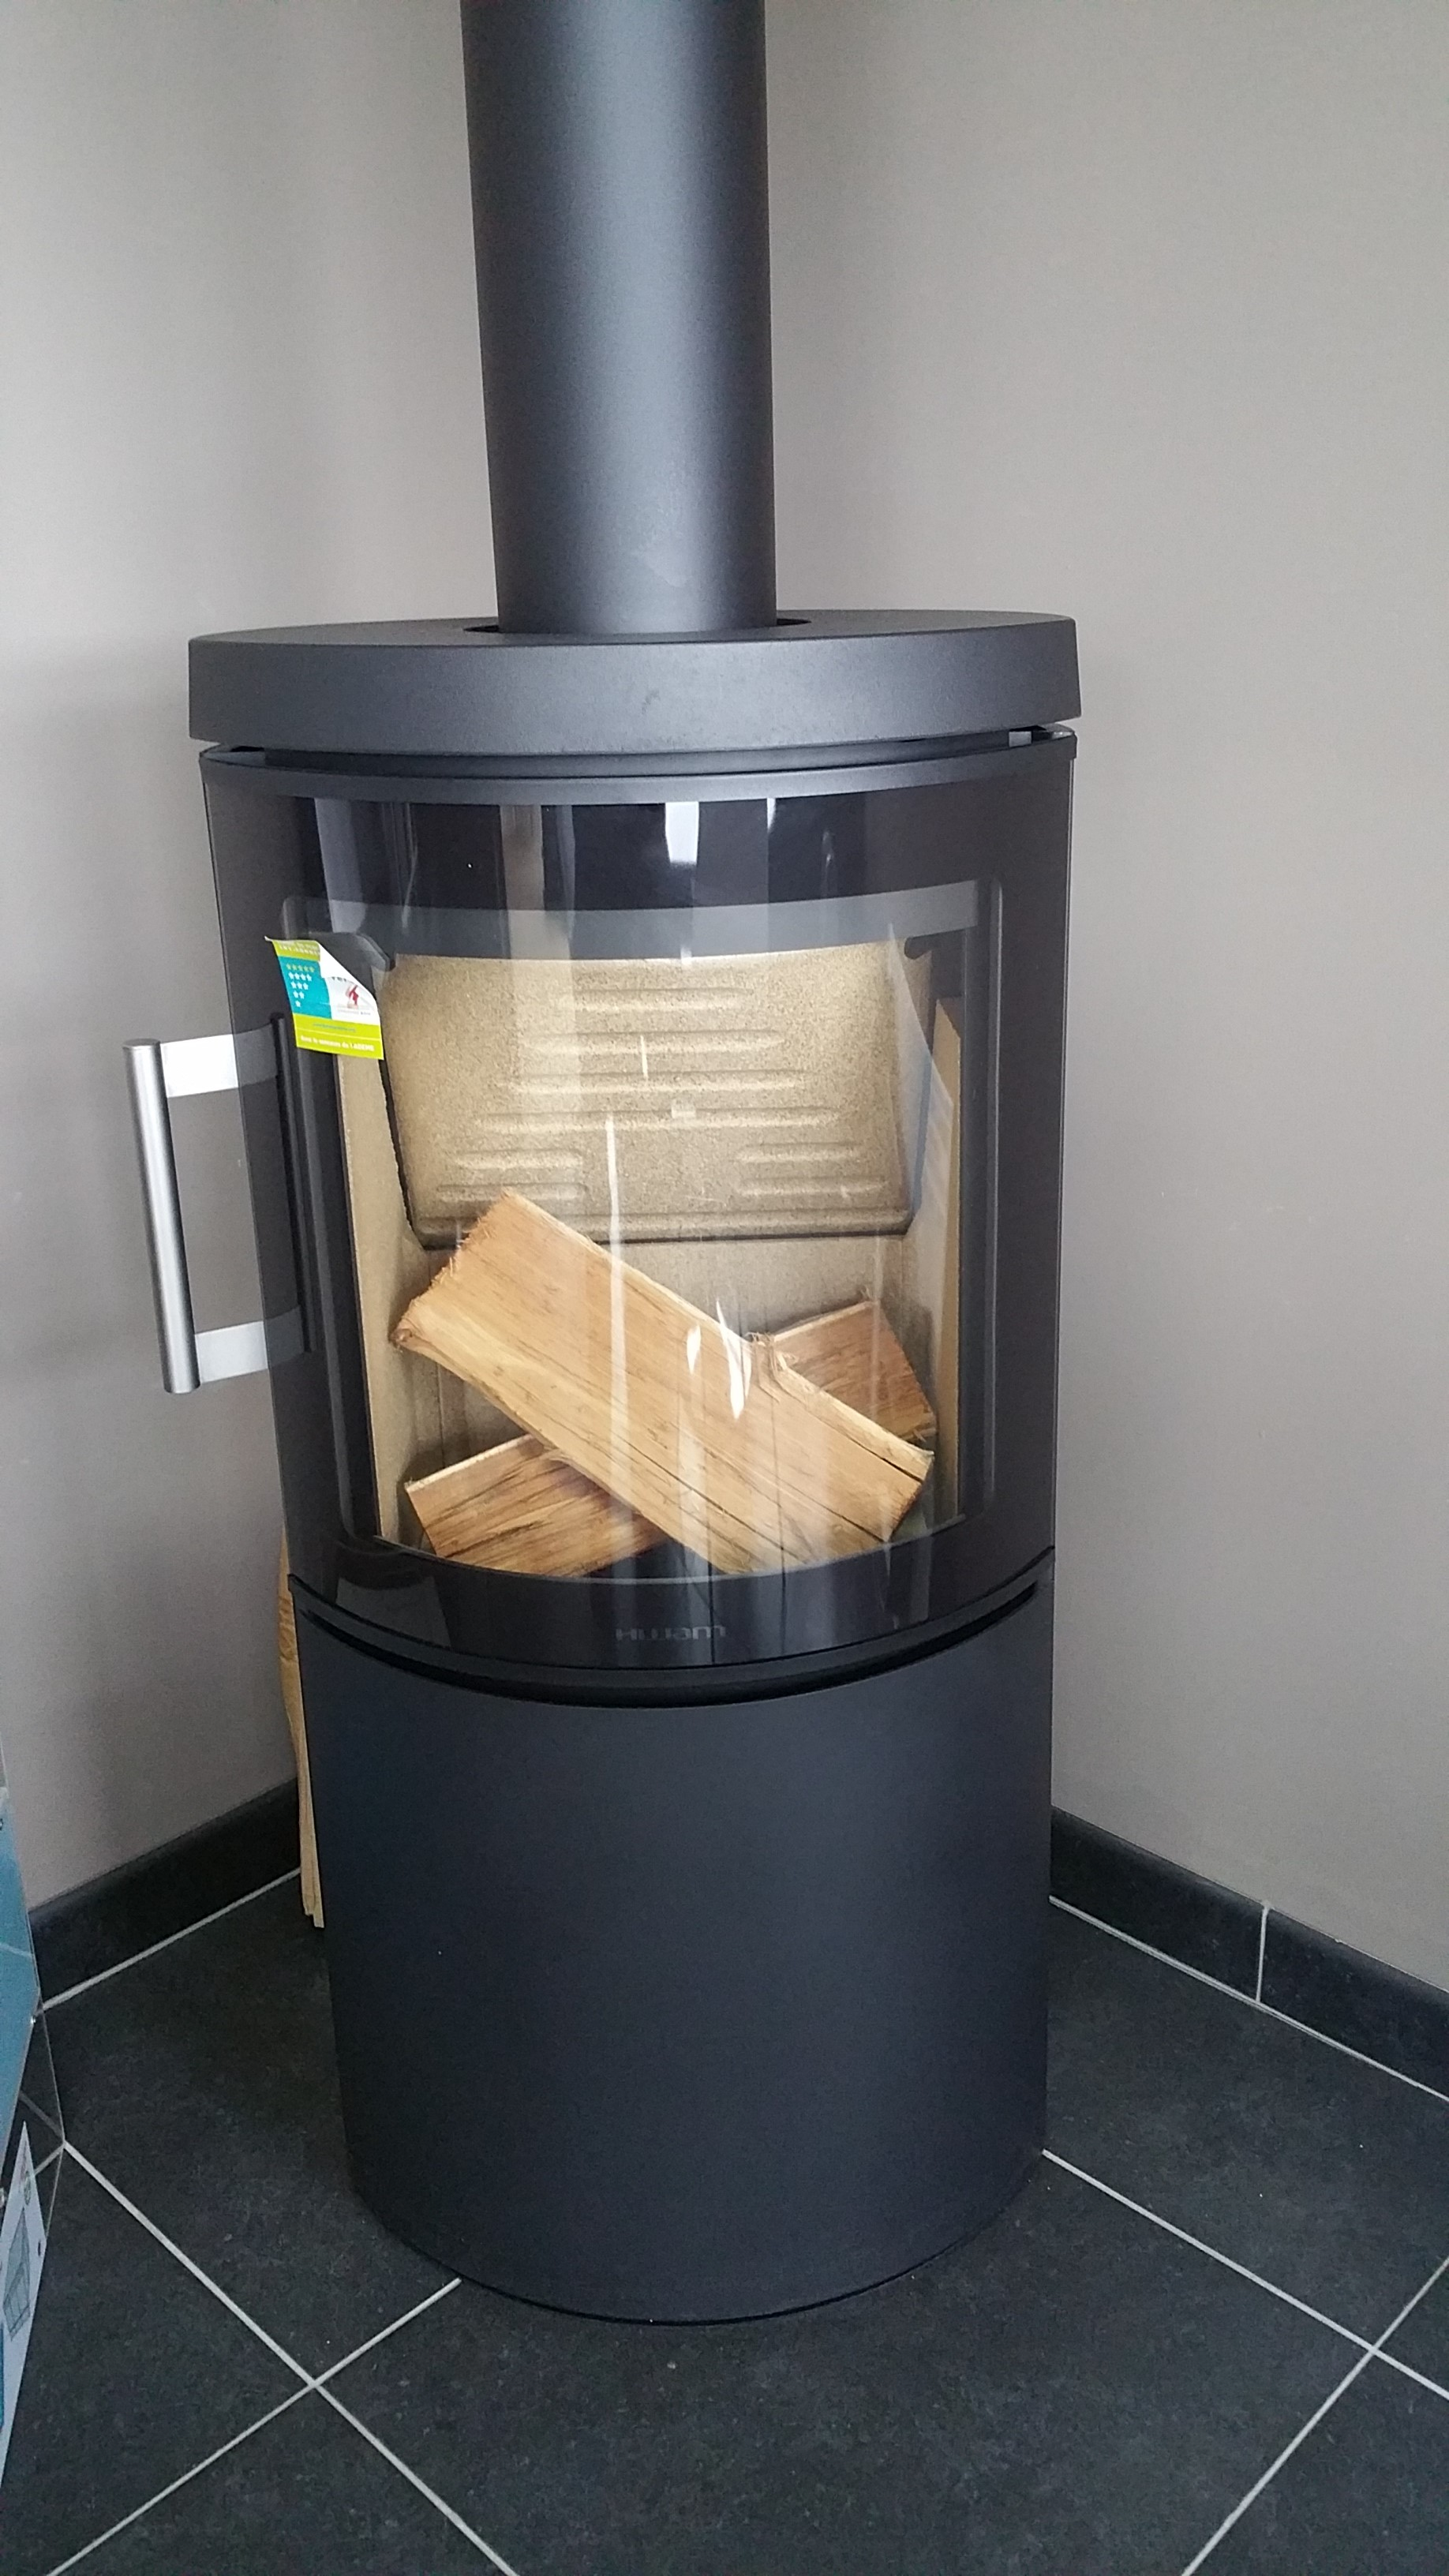 poele a bois seguin obtenez des id es de design int ressantes en utilisant du. Black Bedroom Furniture Sets. Home Design Ideas